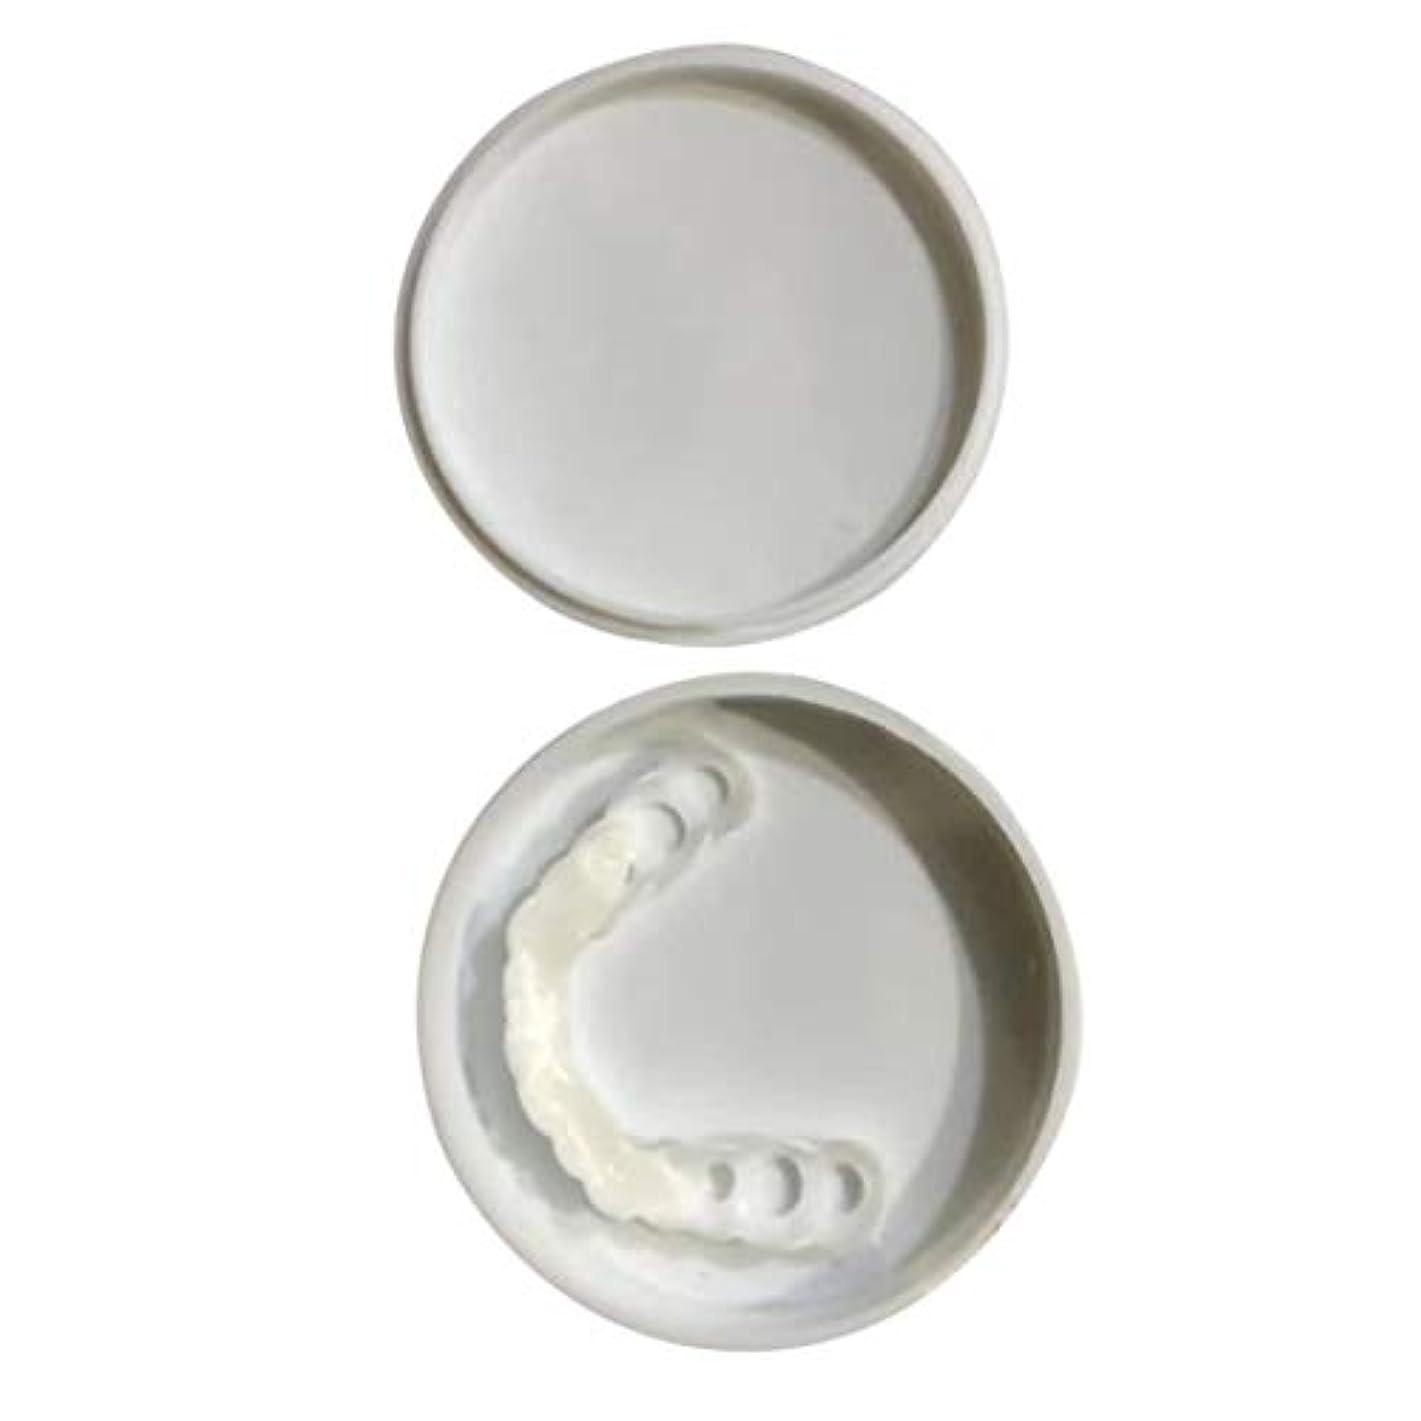 破裂モジュール収まる快適なスナップオン男性女性歯インスタントパーフェクトスマイルコンフォートフィットフレックス歯フィットホワイトニング笑顔偽歯カバー - ホワイト